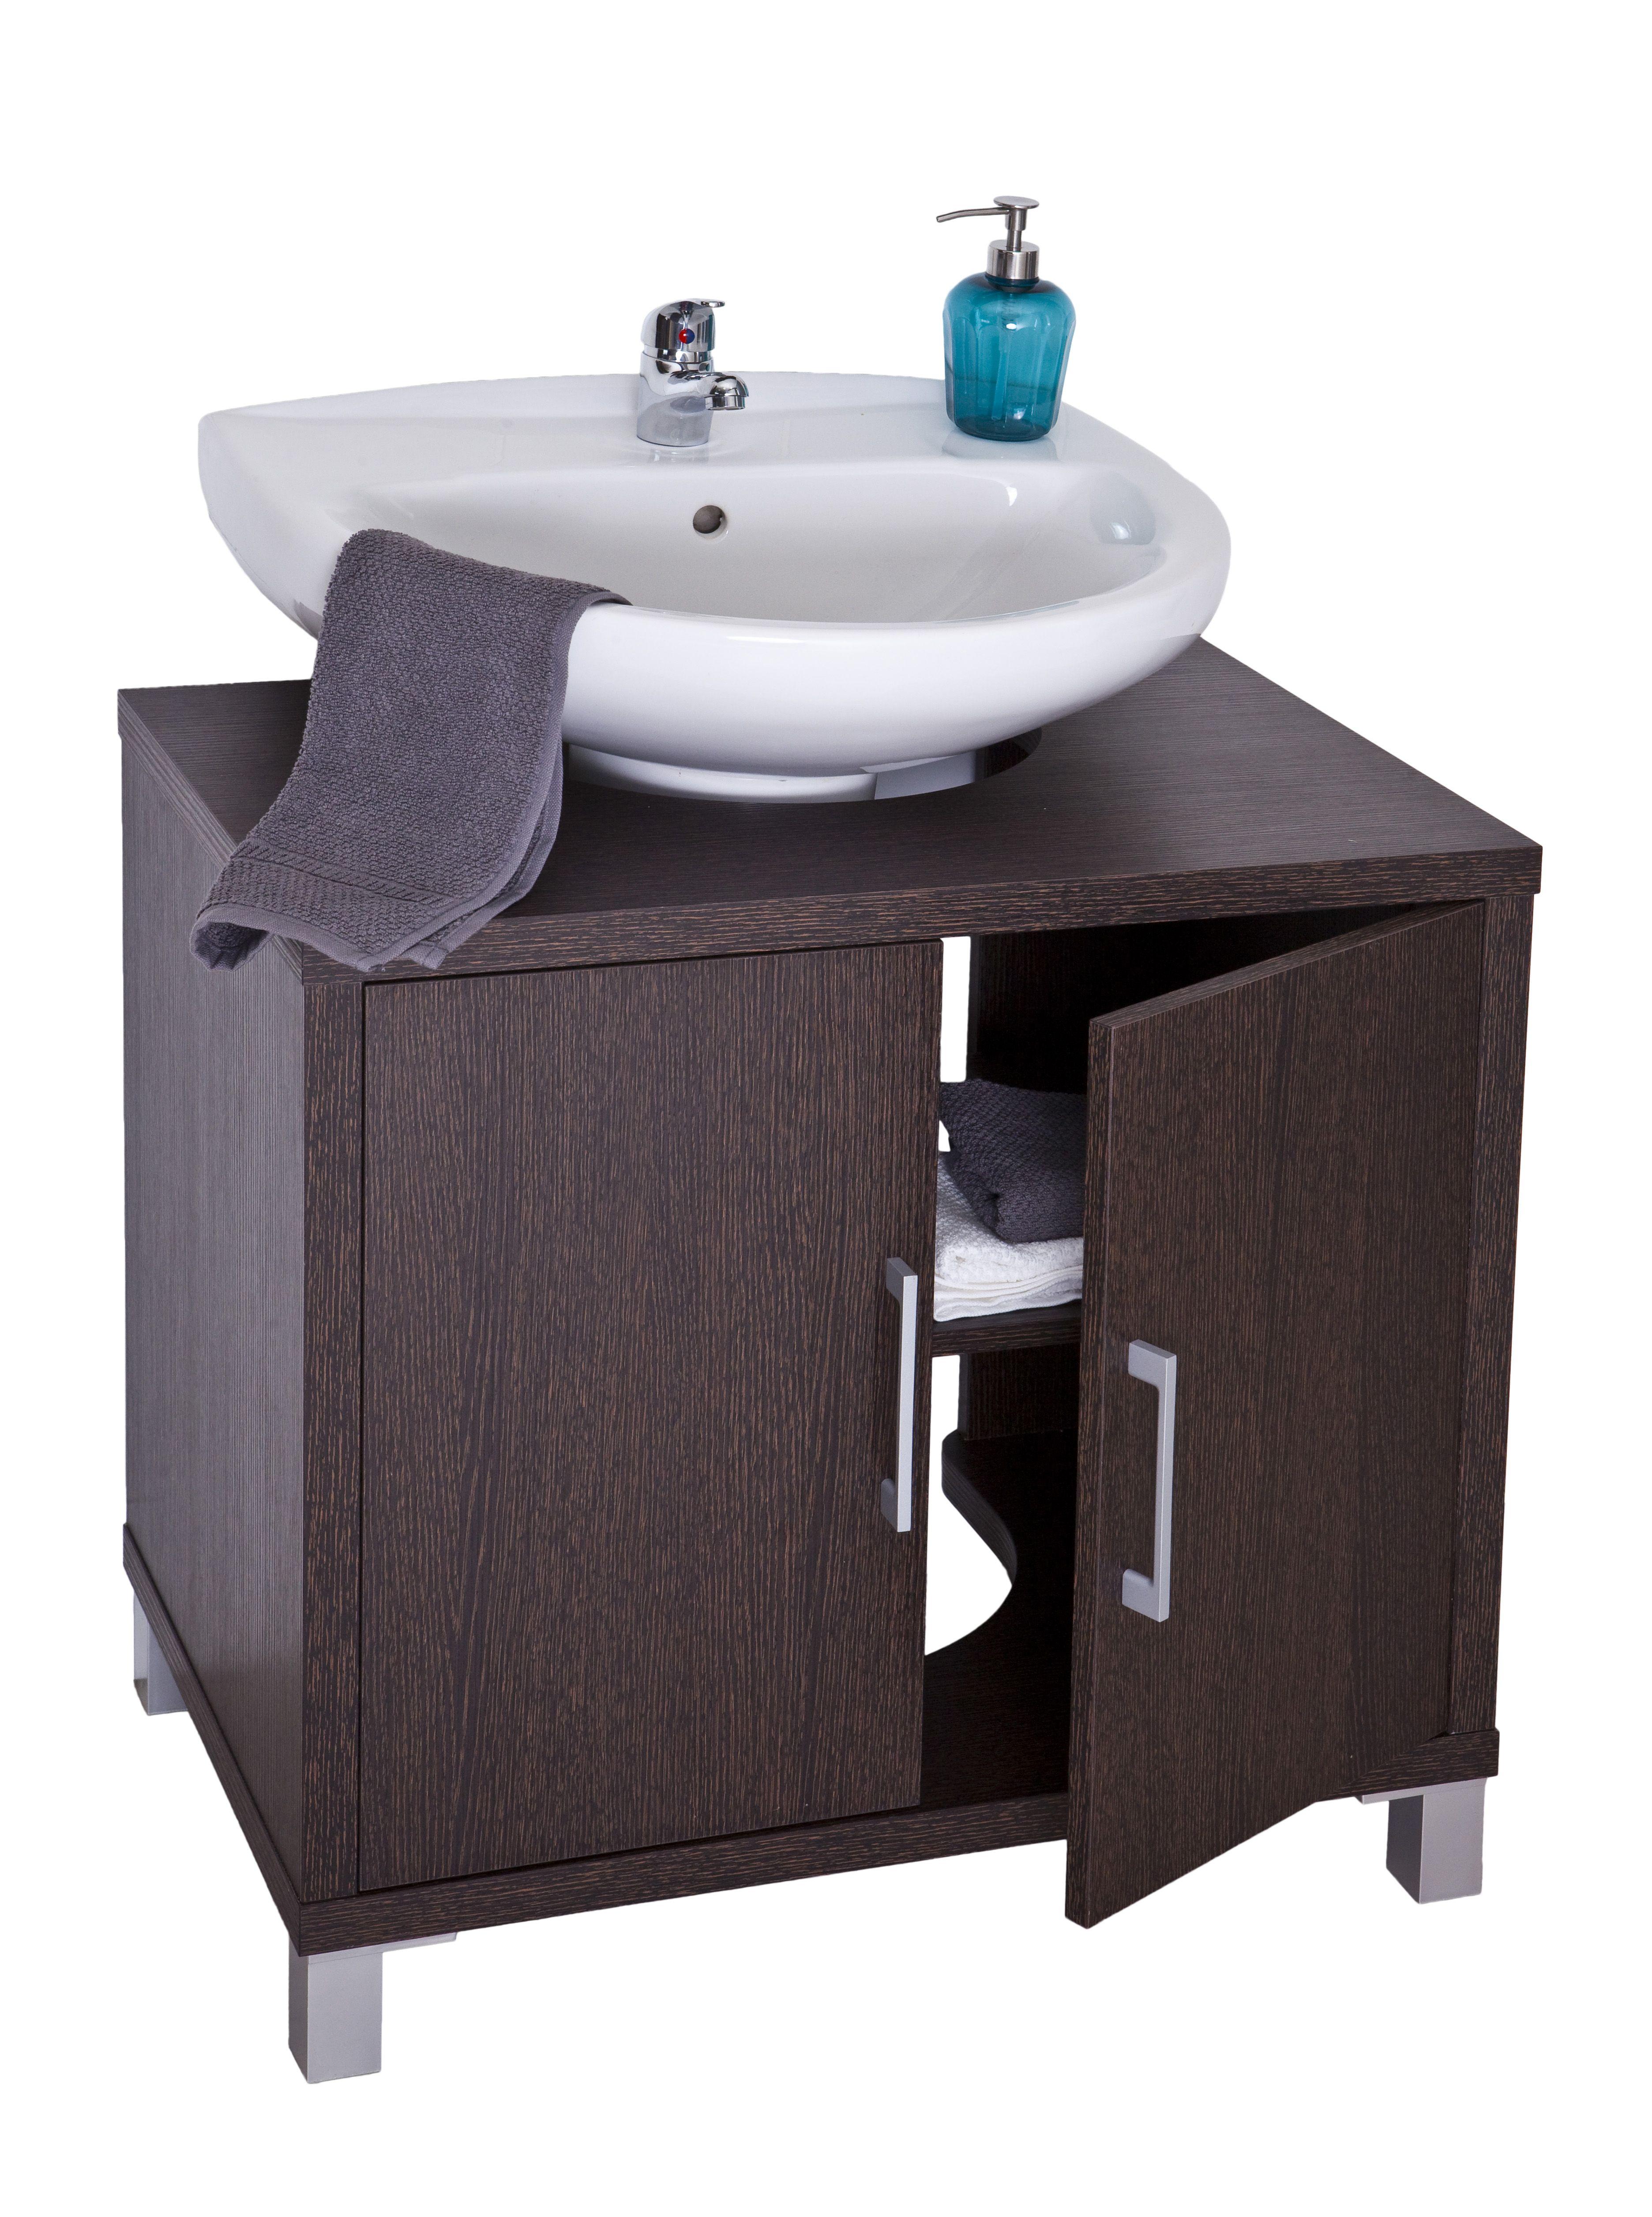 Muebles para el ba o en topkit topkit - El mueble banos pequenos ...